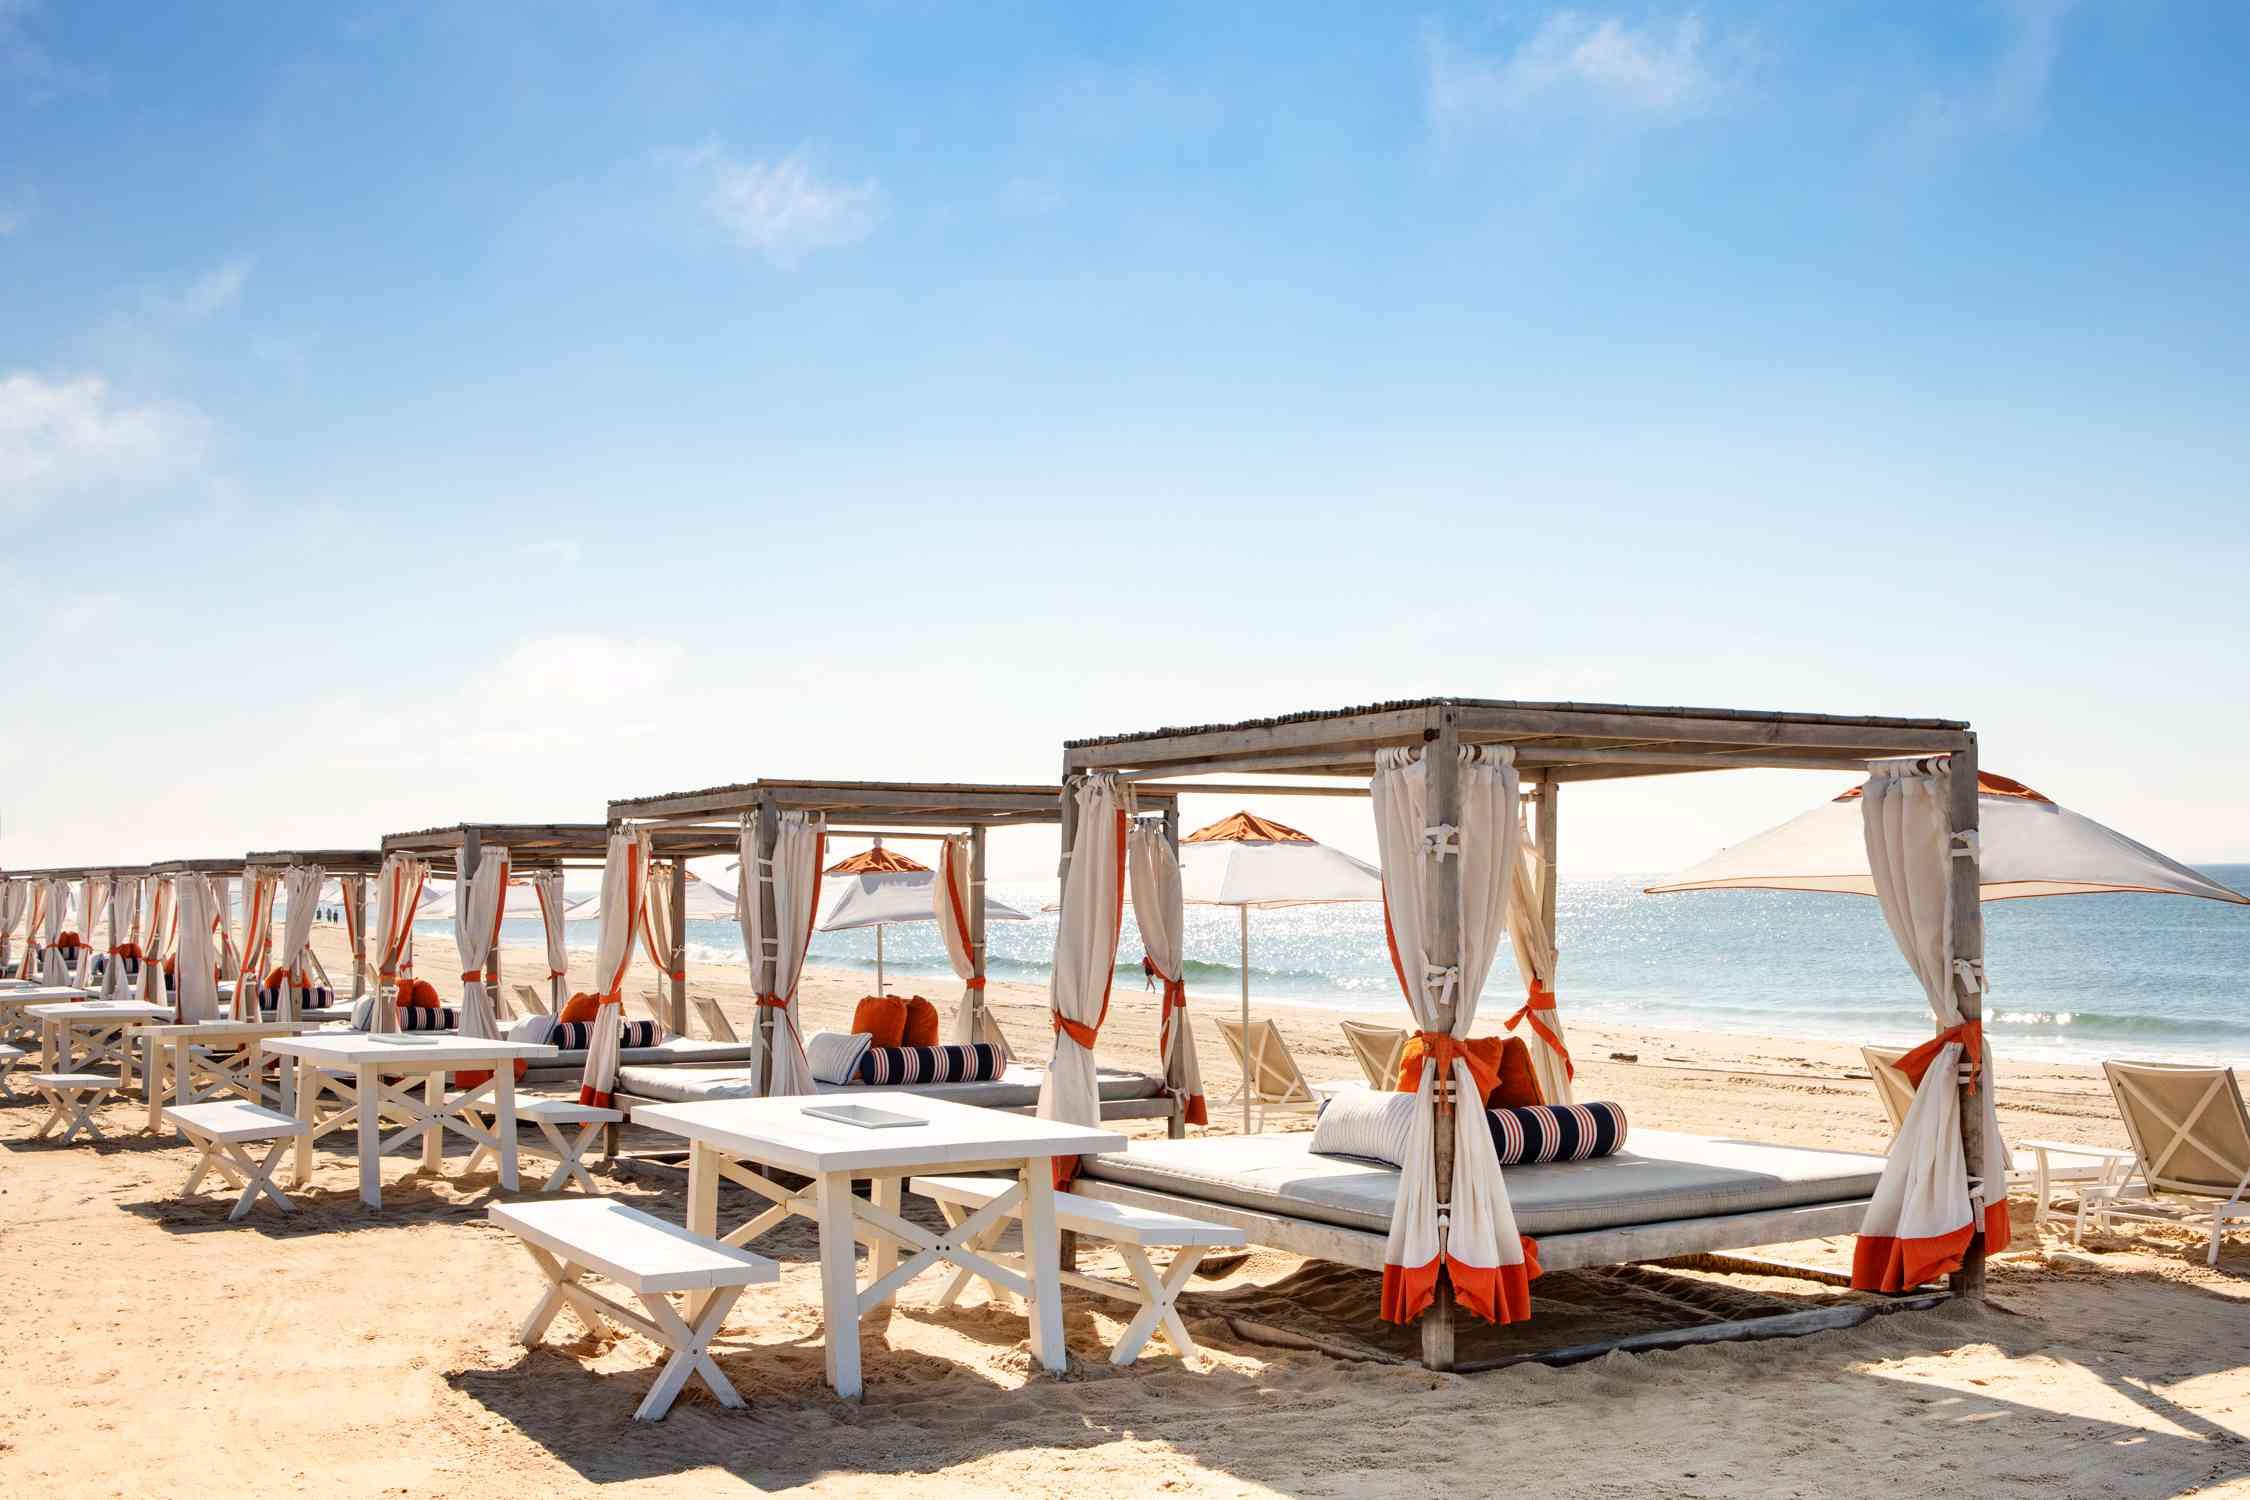 King-bed cabanas at Gurney's Montauk Seawater Resort & Spa